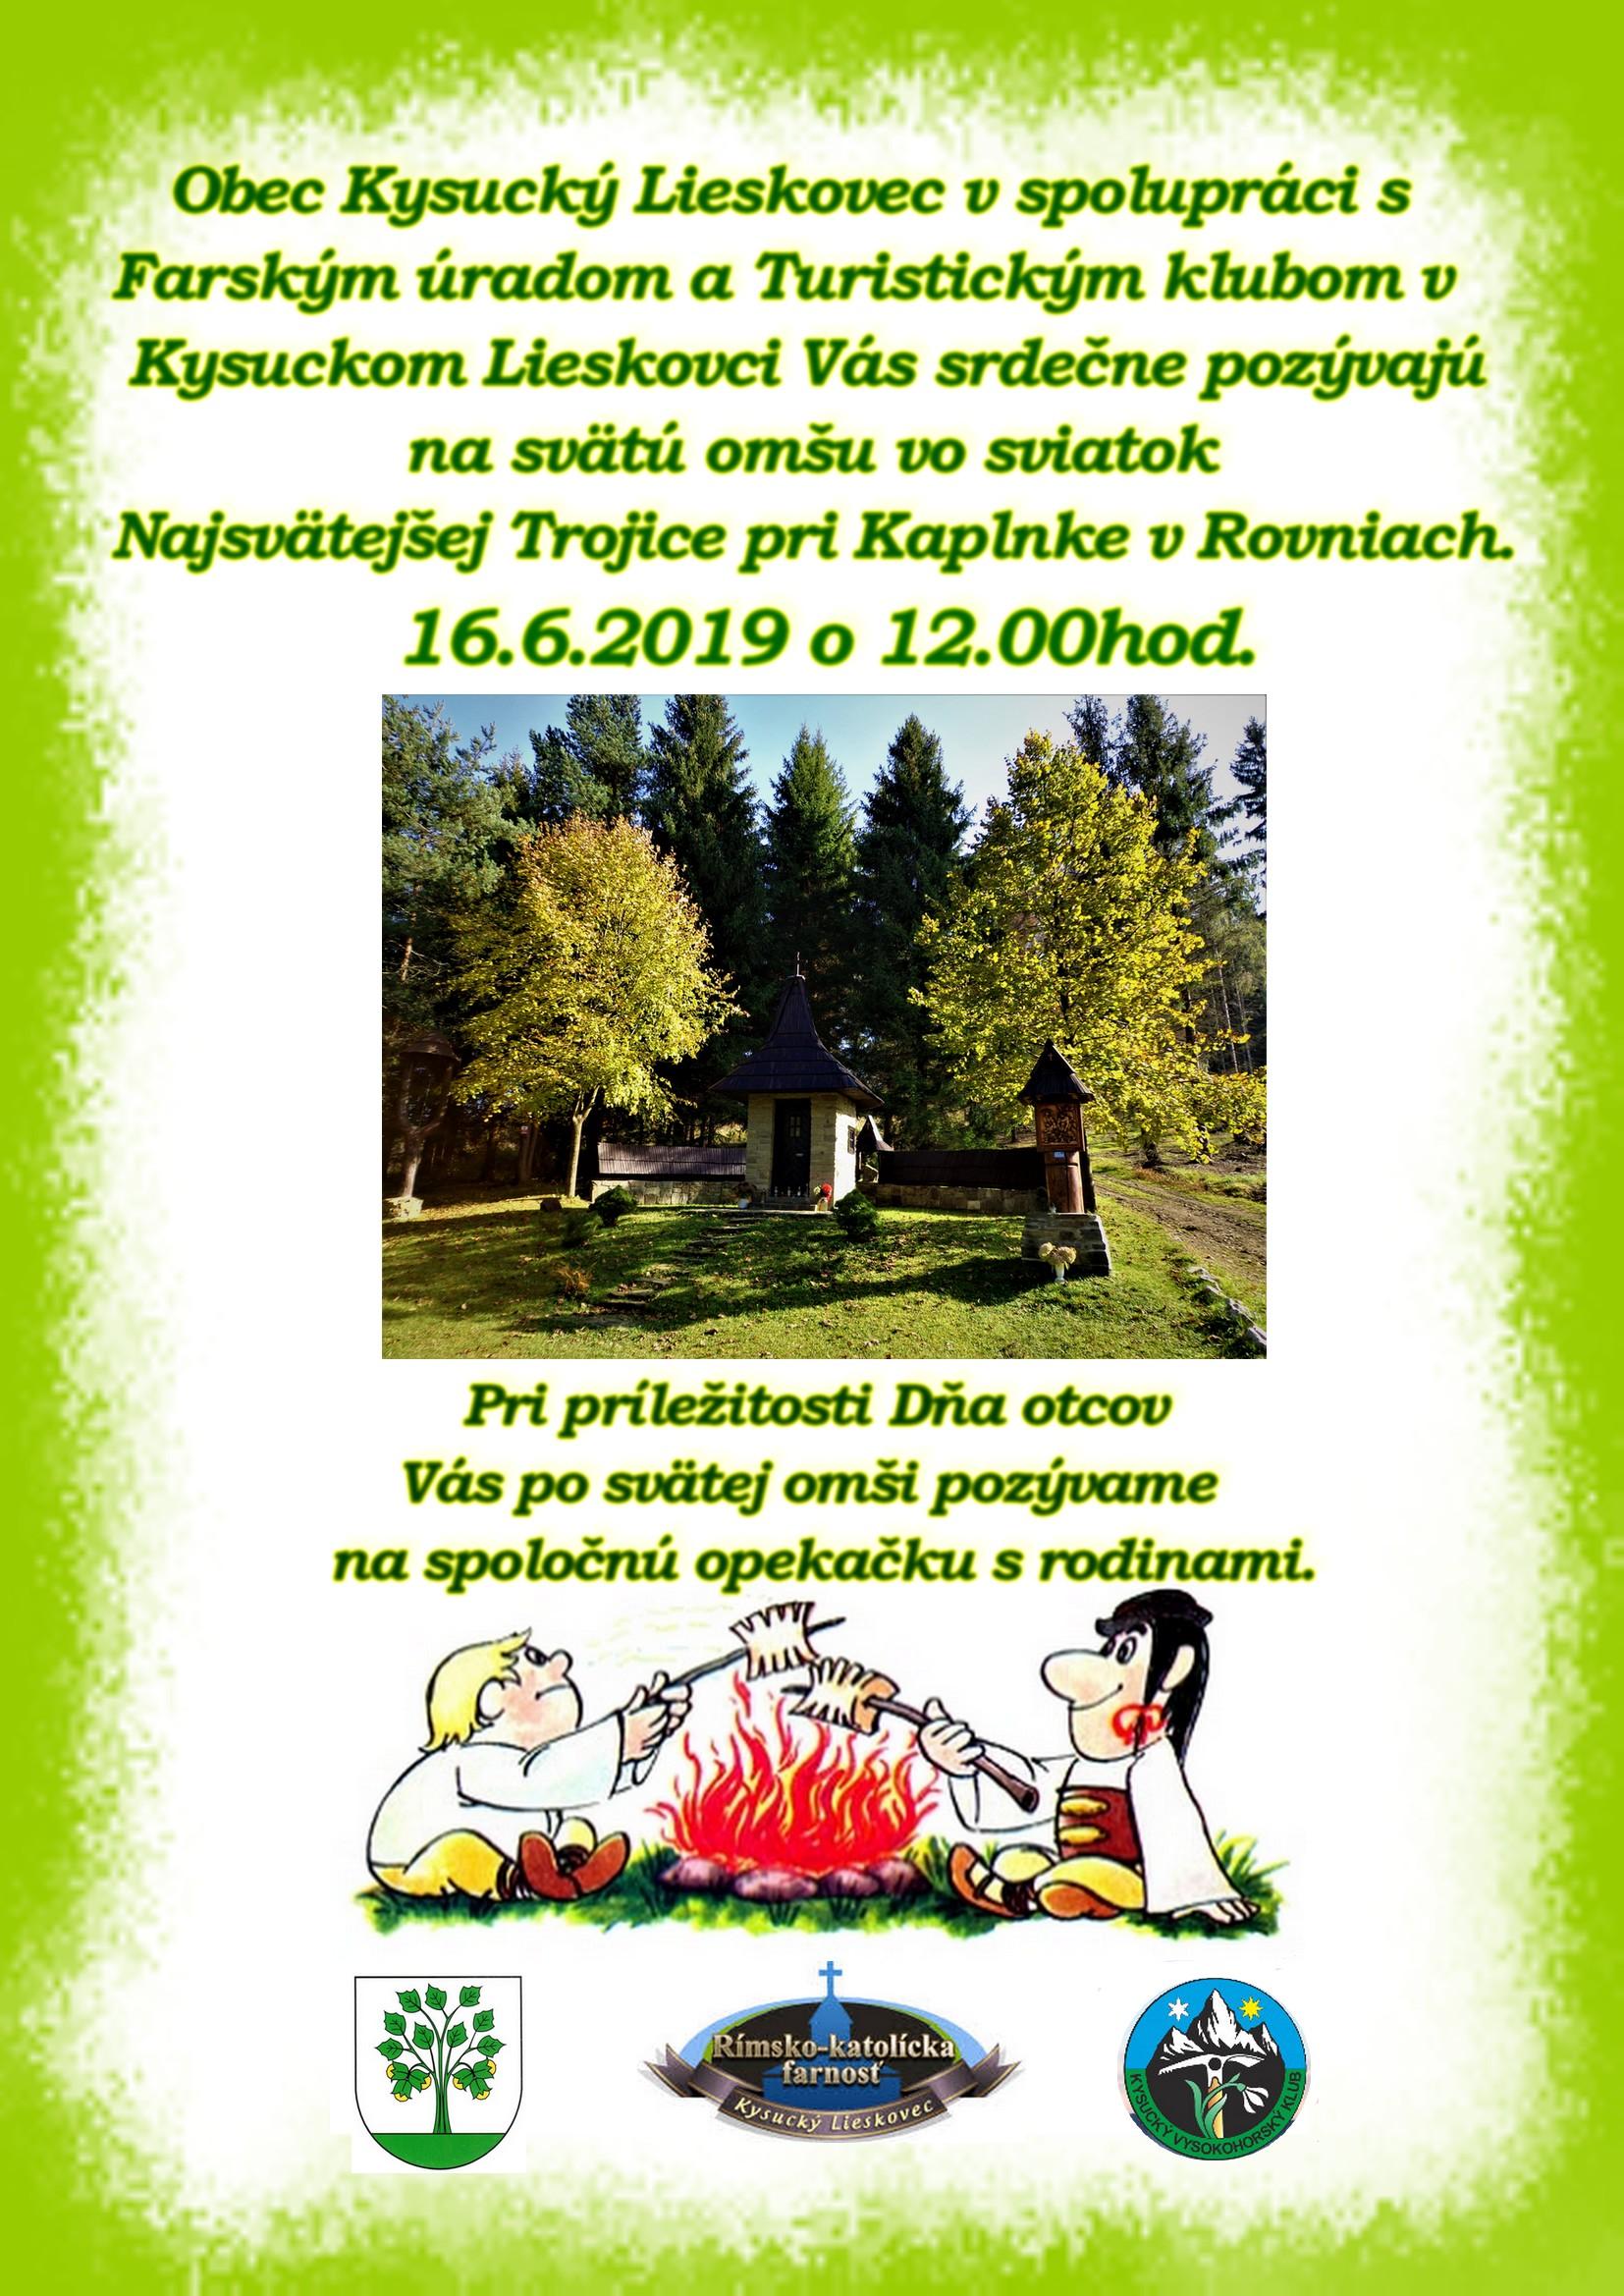 El pueblo de Kysucky Lieskovec, en colaboración con la Oficina Parroquial y el Club de Turismo de Kysucky Lieskovec, lo invitan a la Santa Misa en la fiesta de la Santísima Trinidad en la Capilla de Rovne. 16 de junio de 2019 a las 12:00 pm